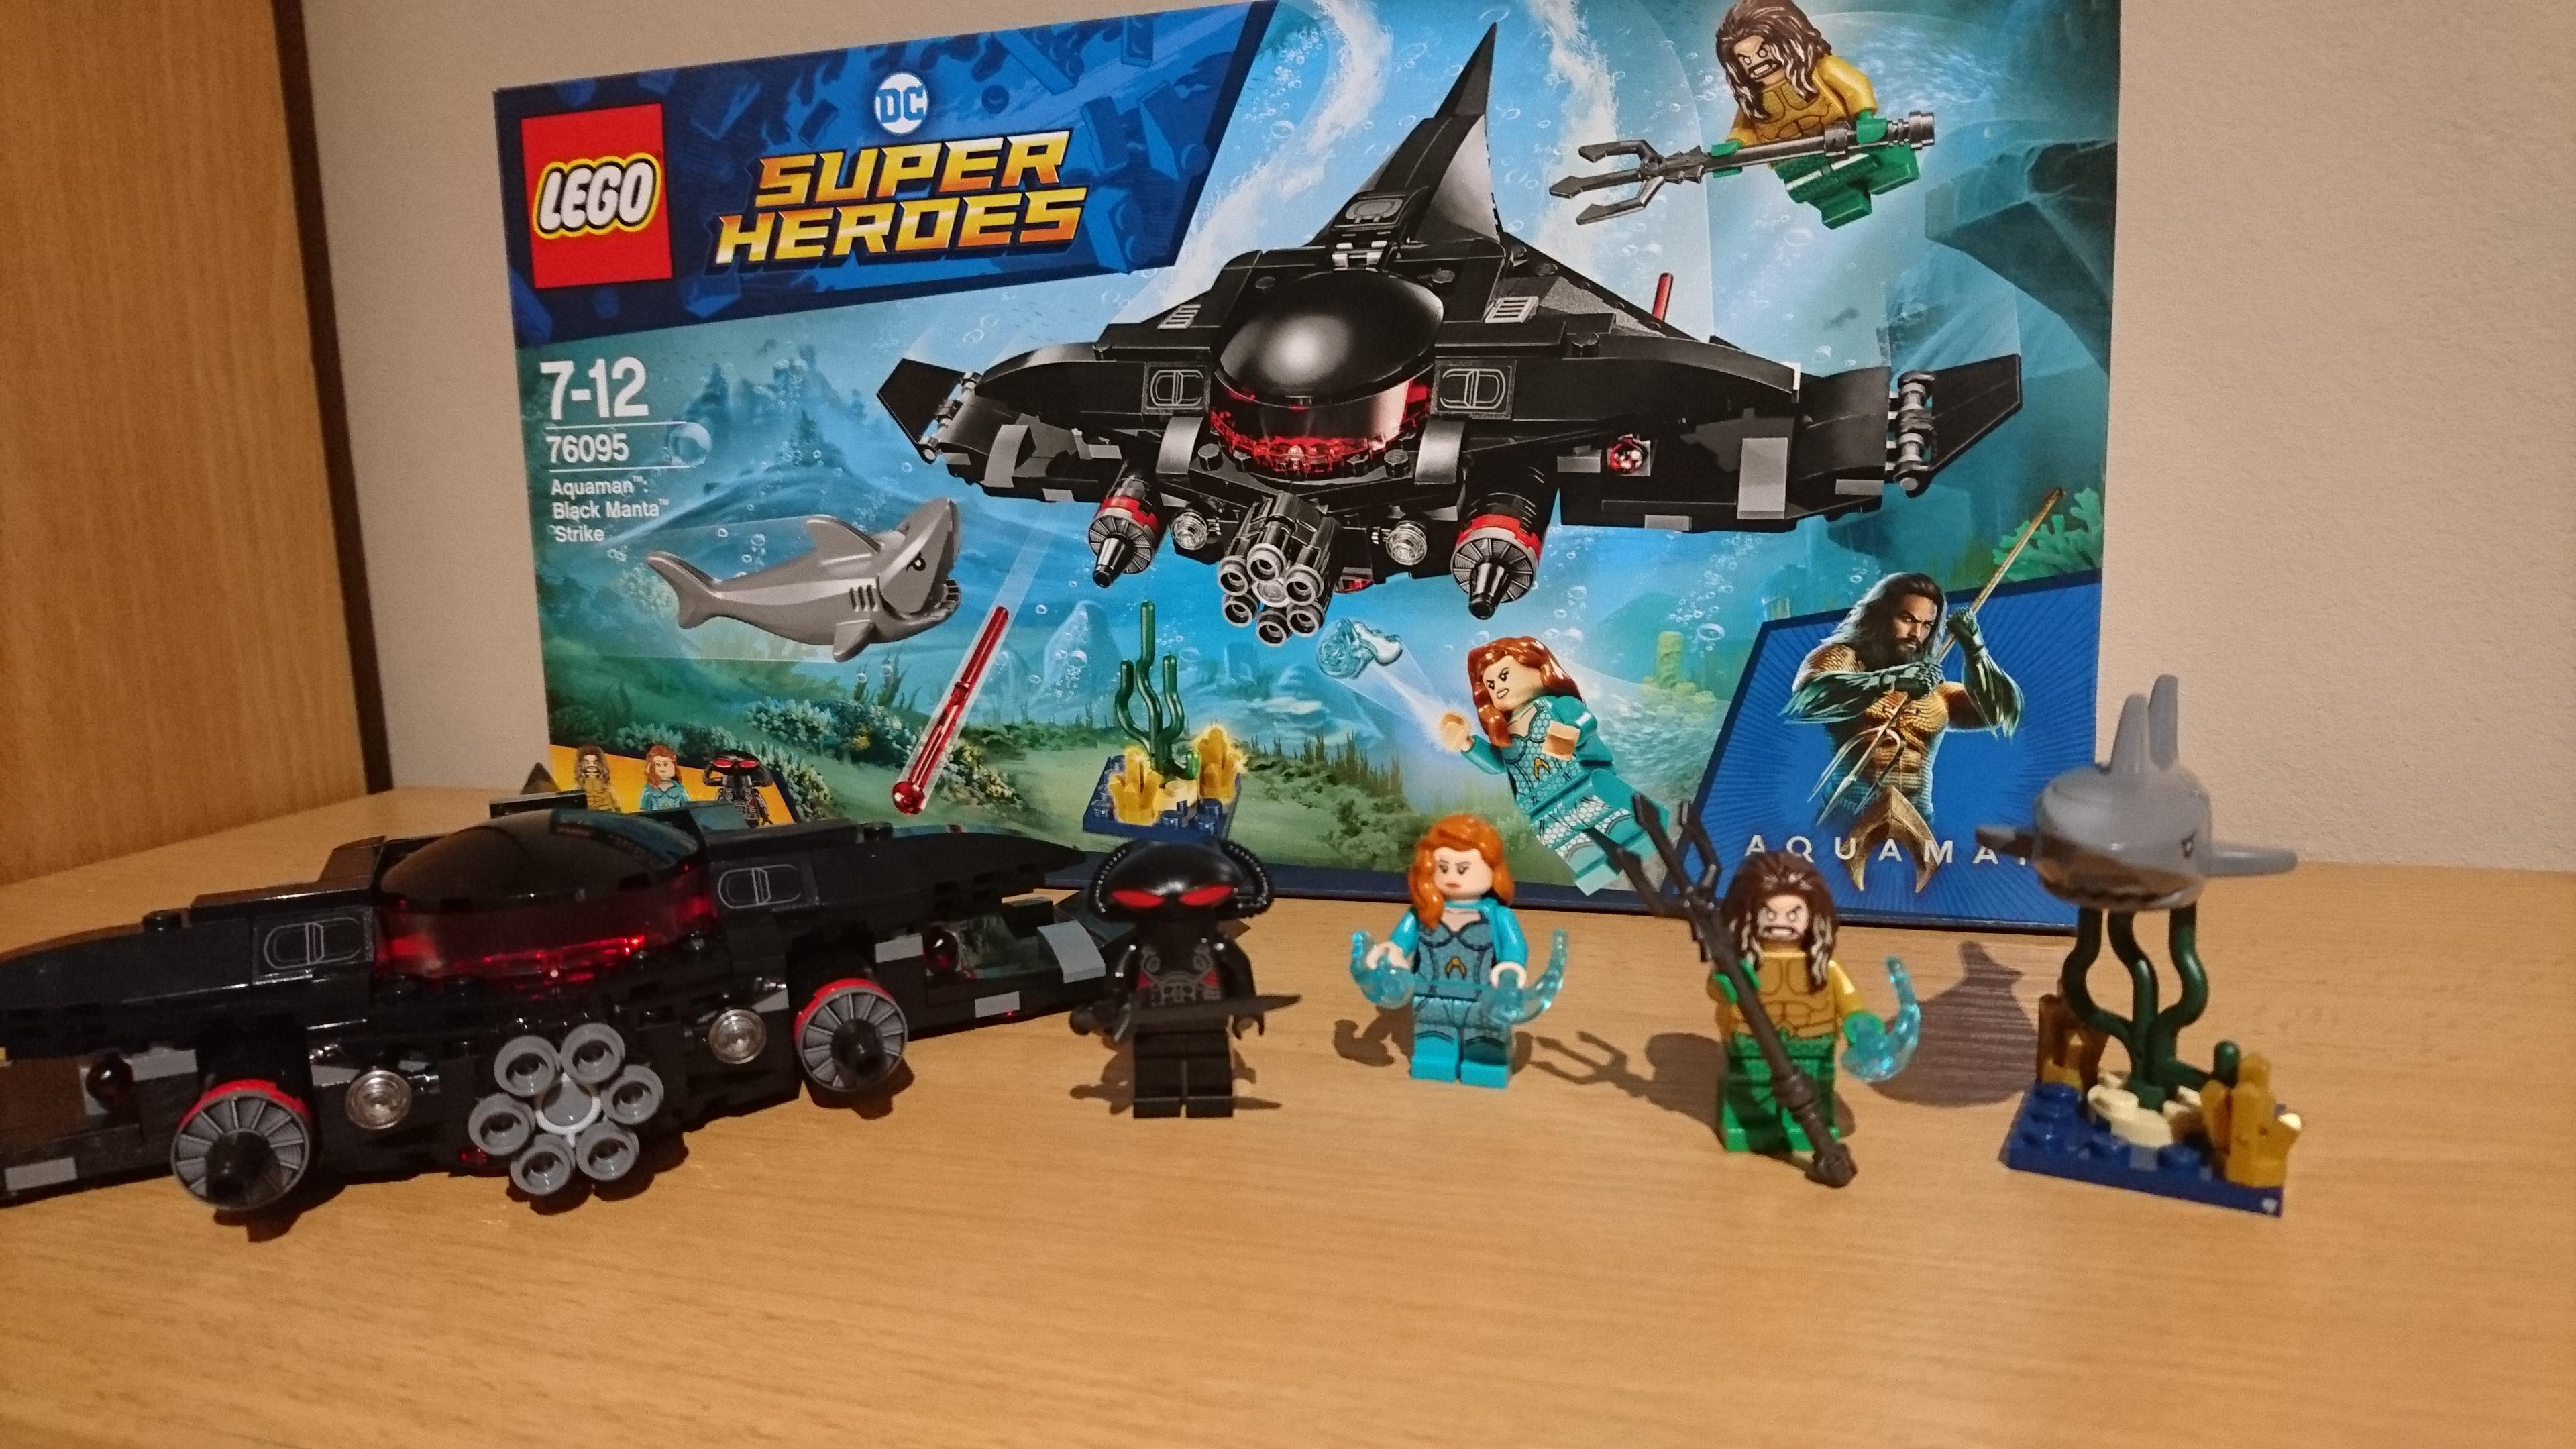 Az Aquaman LEGO szett